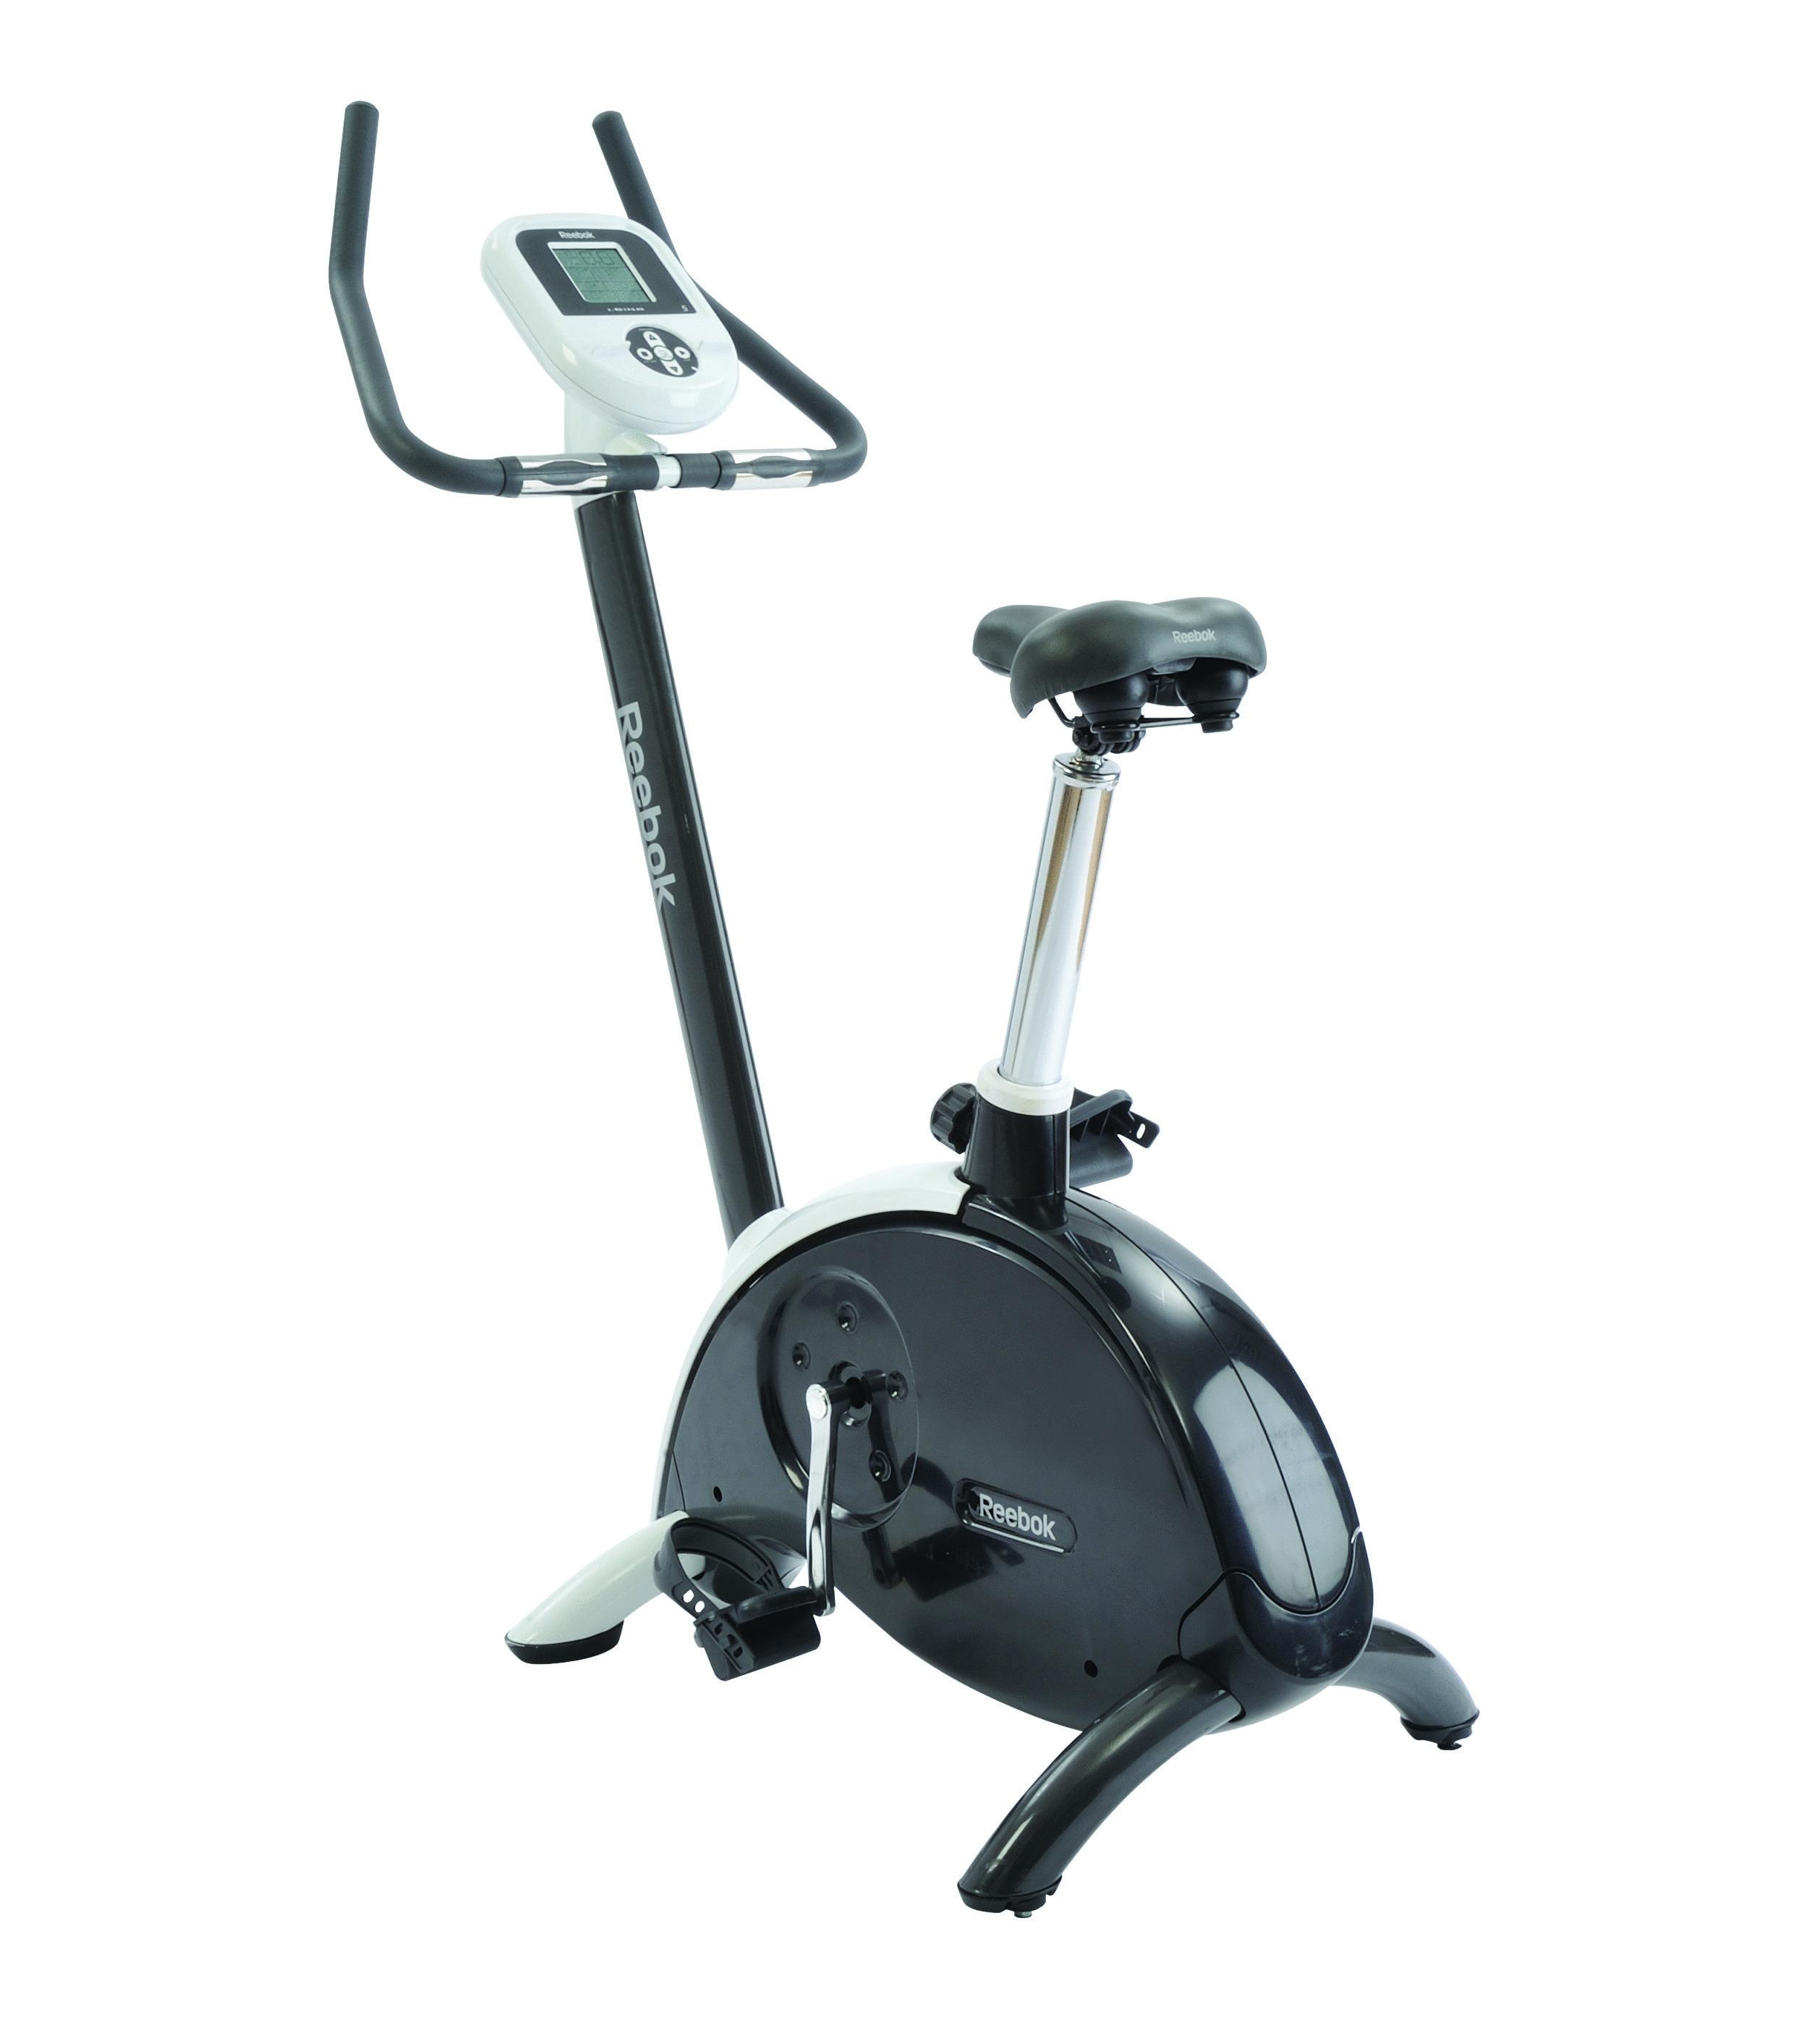 reebok heimtrainer fahrrad i bike se basket24 basketballkorb korb ring system. Black Bedroom Furniture Sets. Home Design Ideas